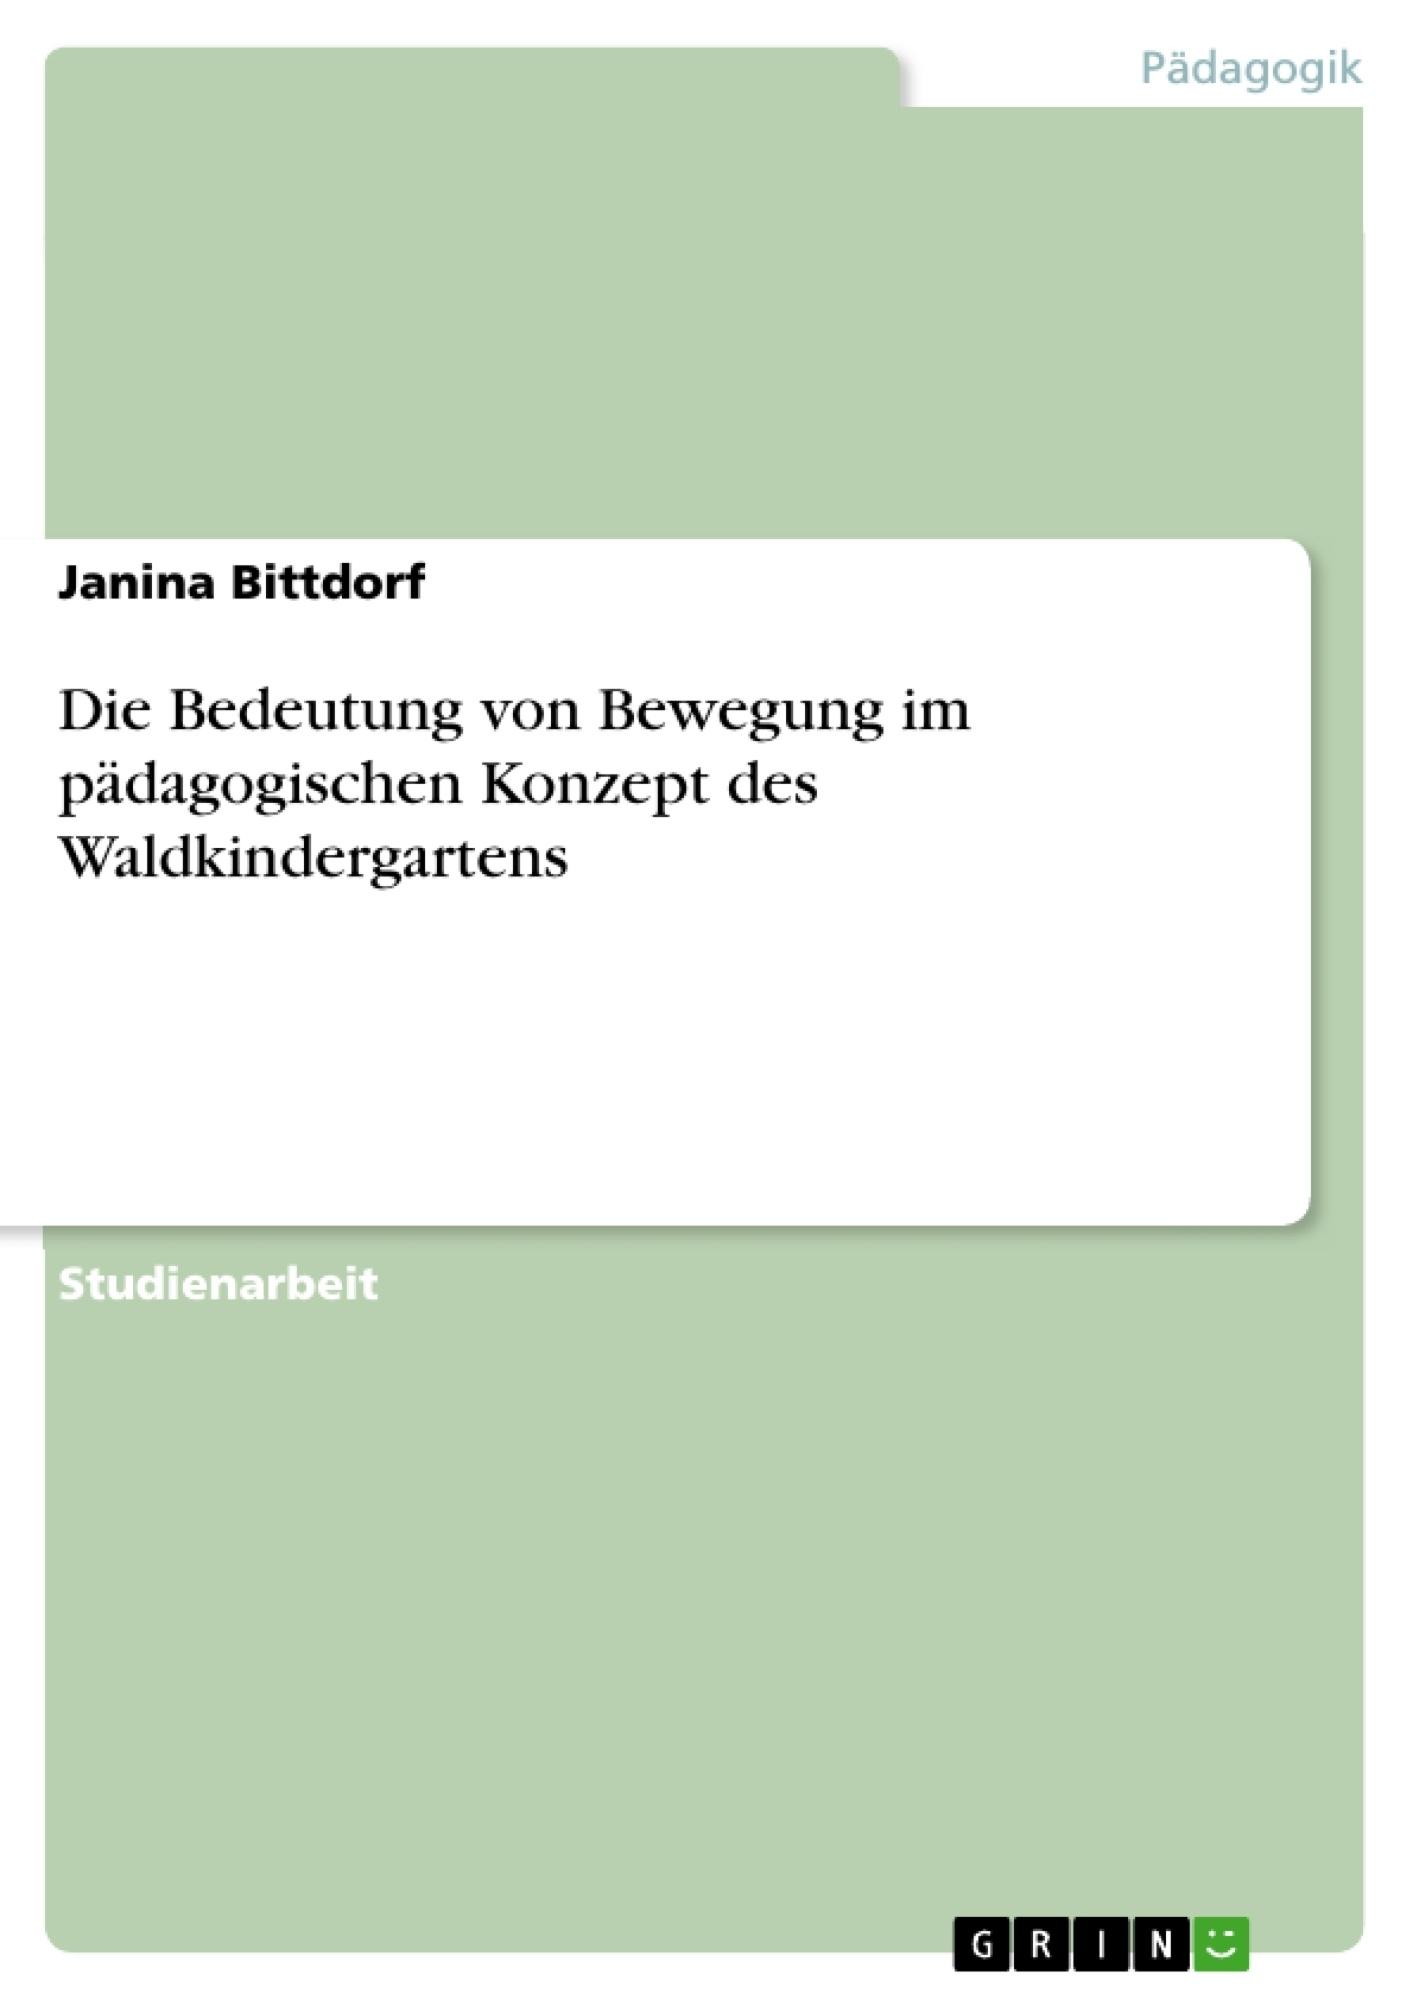 Titel: Die Bedeutung von Bewegung im pädagogischen Konzept des Waldkindergartens